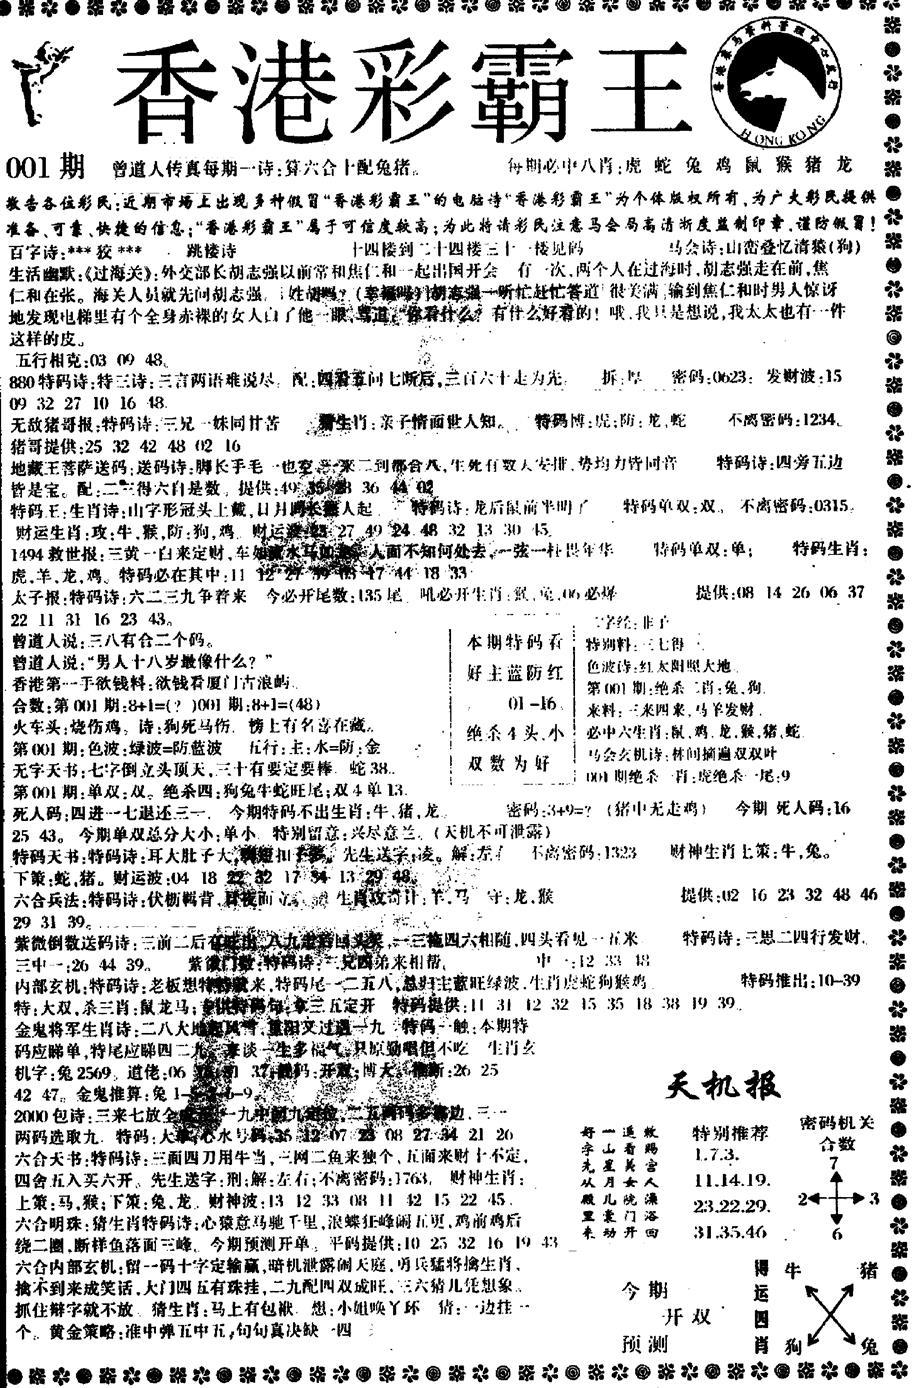 001期平西版彩霸王A(黑白)